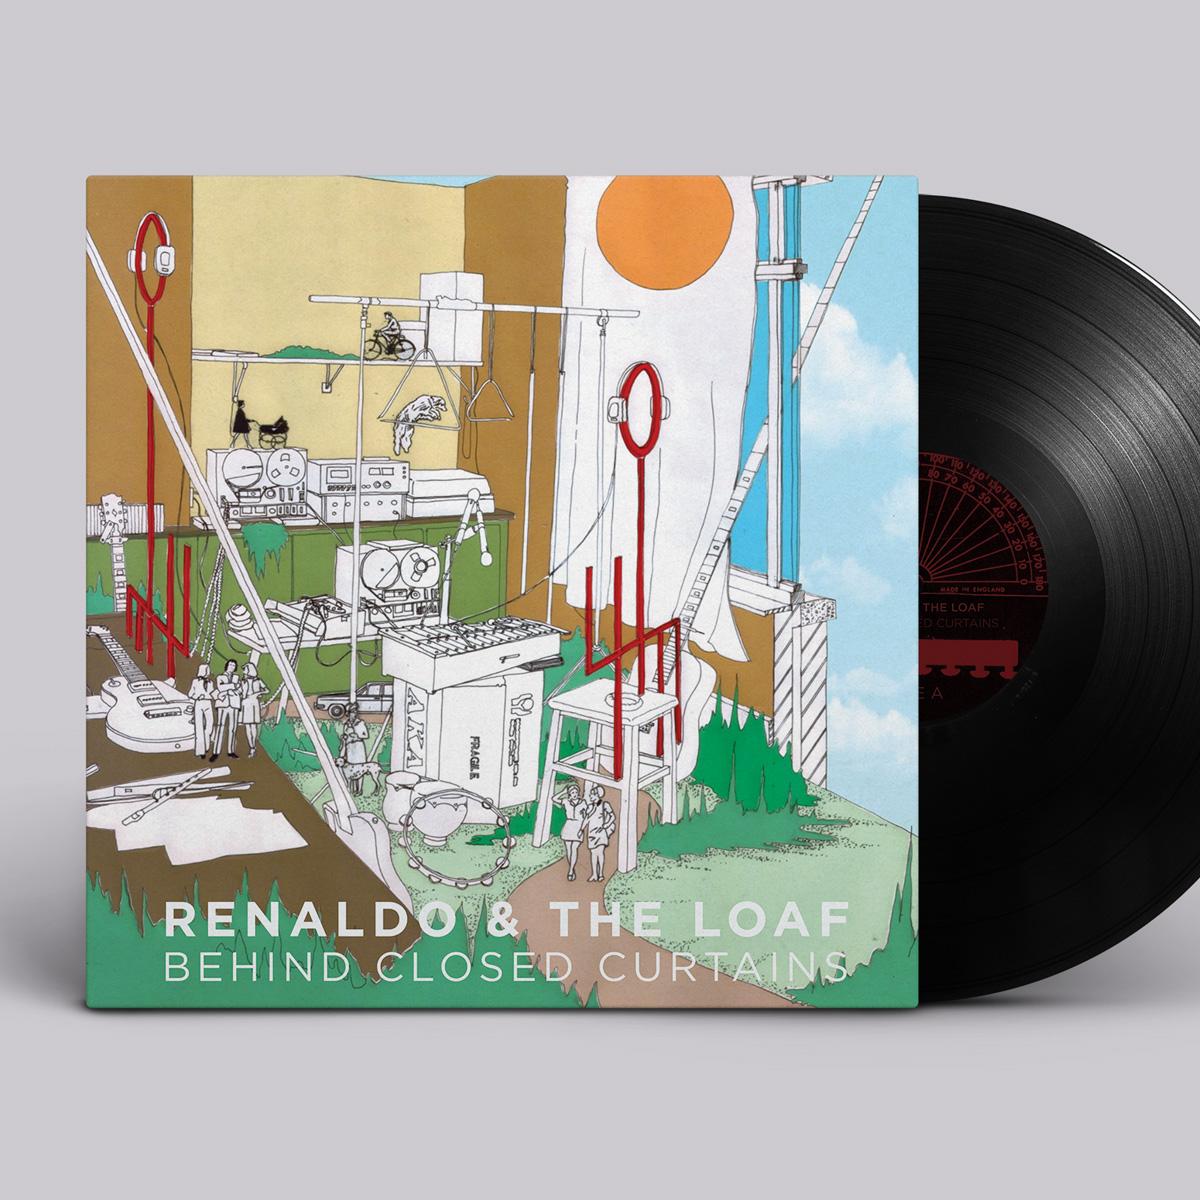 renaldo_Vinyl-Record-PSD-MockUp_black.jpg